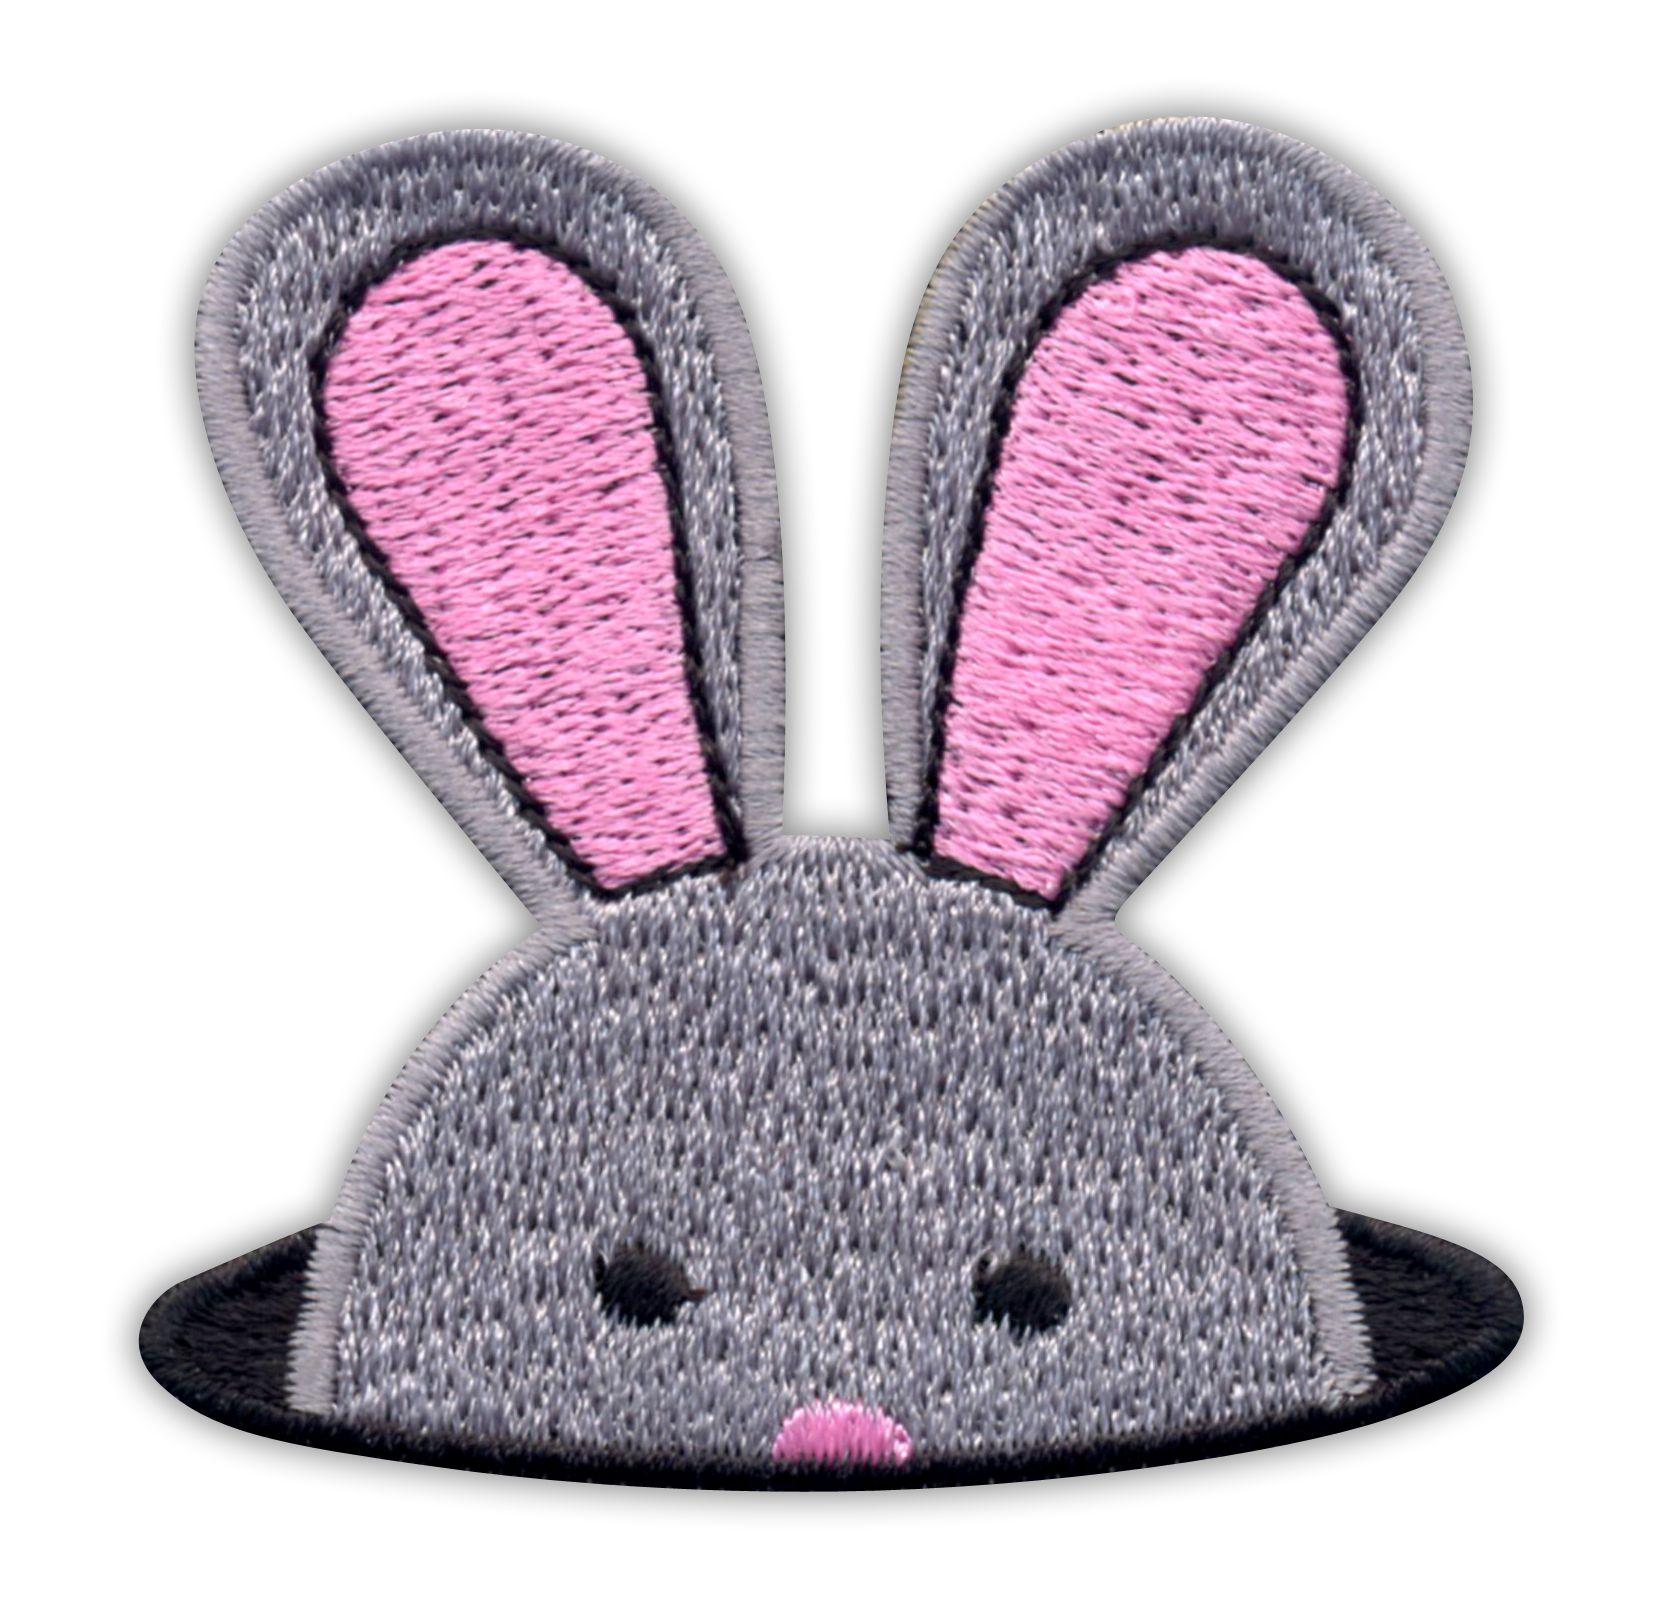 Patch - Hare králik Bunny Bunny výšivky